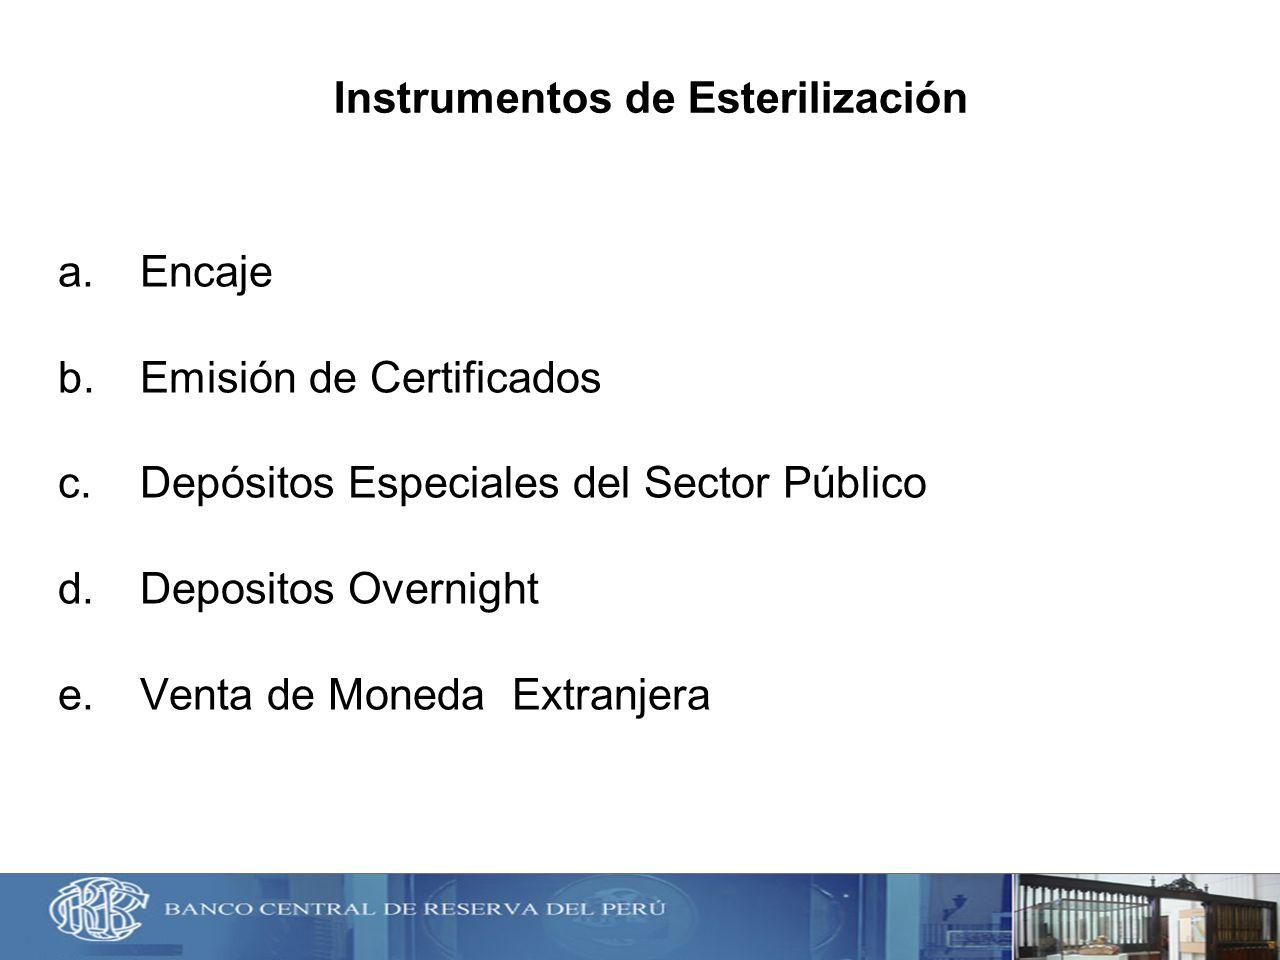 Instrumentos de Esterilización a.Encaje b.Emisión de Certificados c.Depósitos Especiales del Sector Público d.Depositos Overnight e.Venta de Moneda Ex